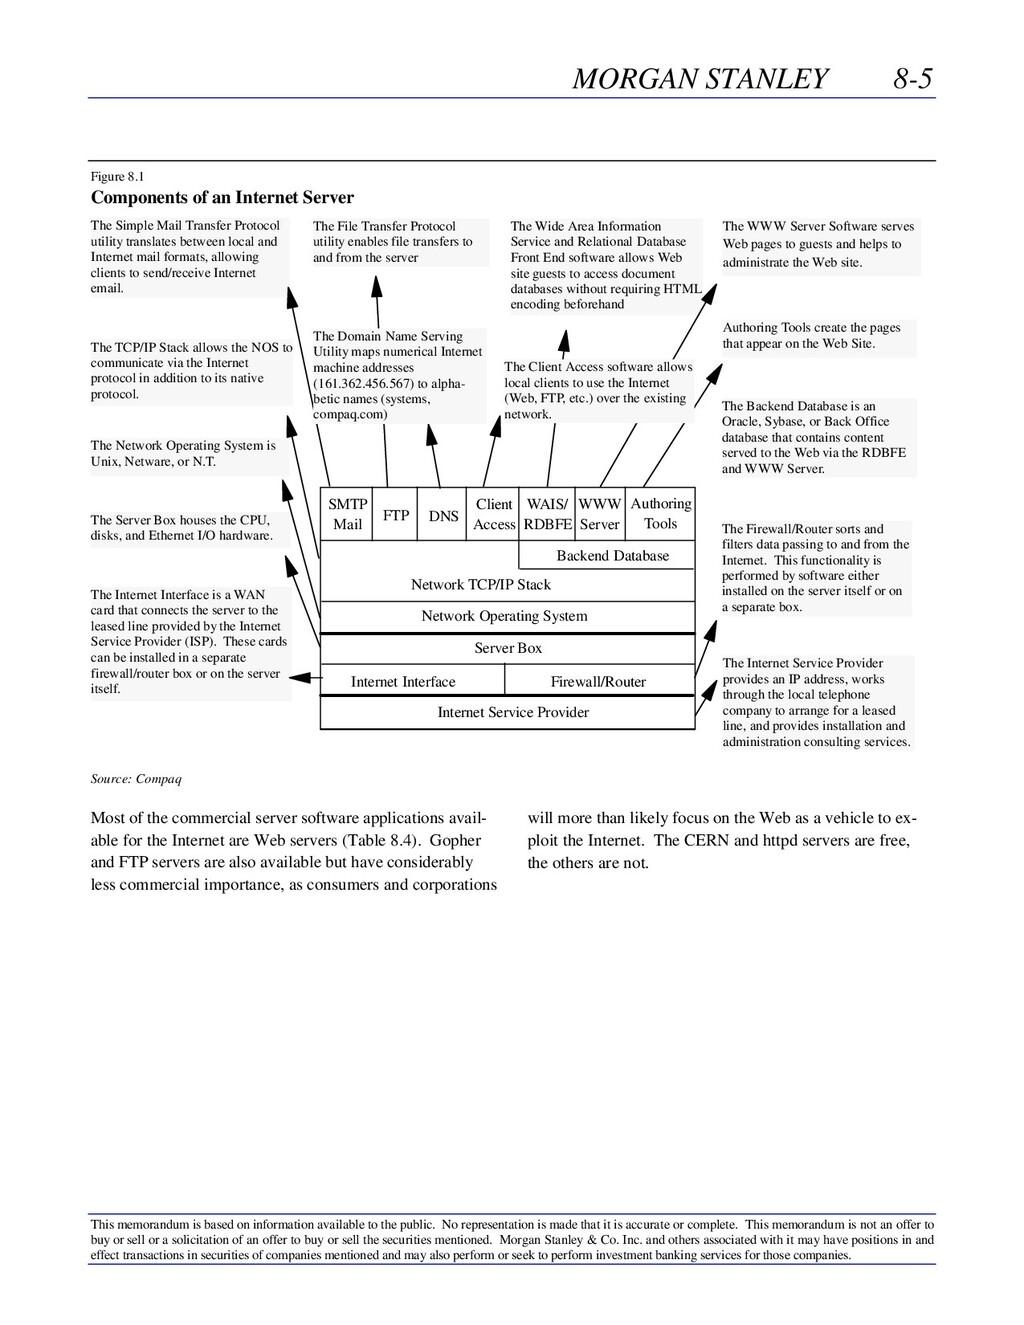 MORGAN STANLEY 8-5 This memorandum is based on ...